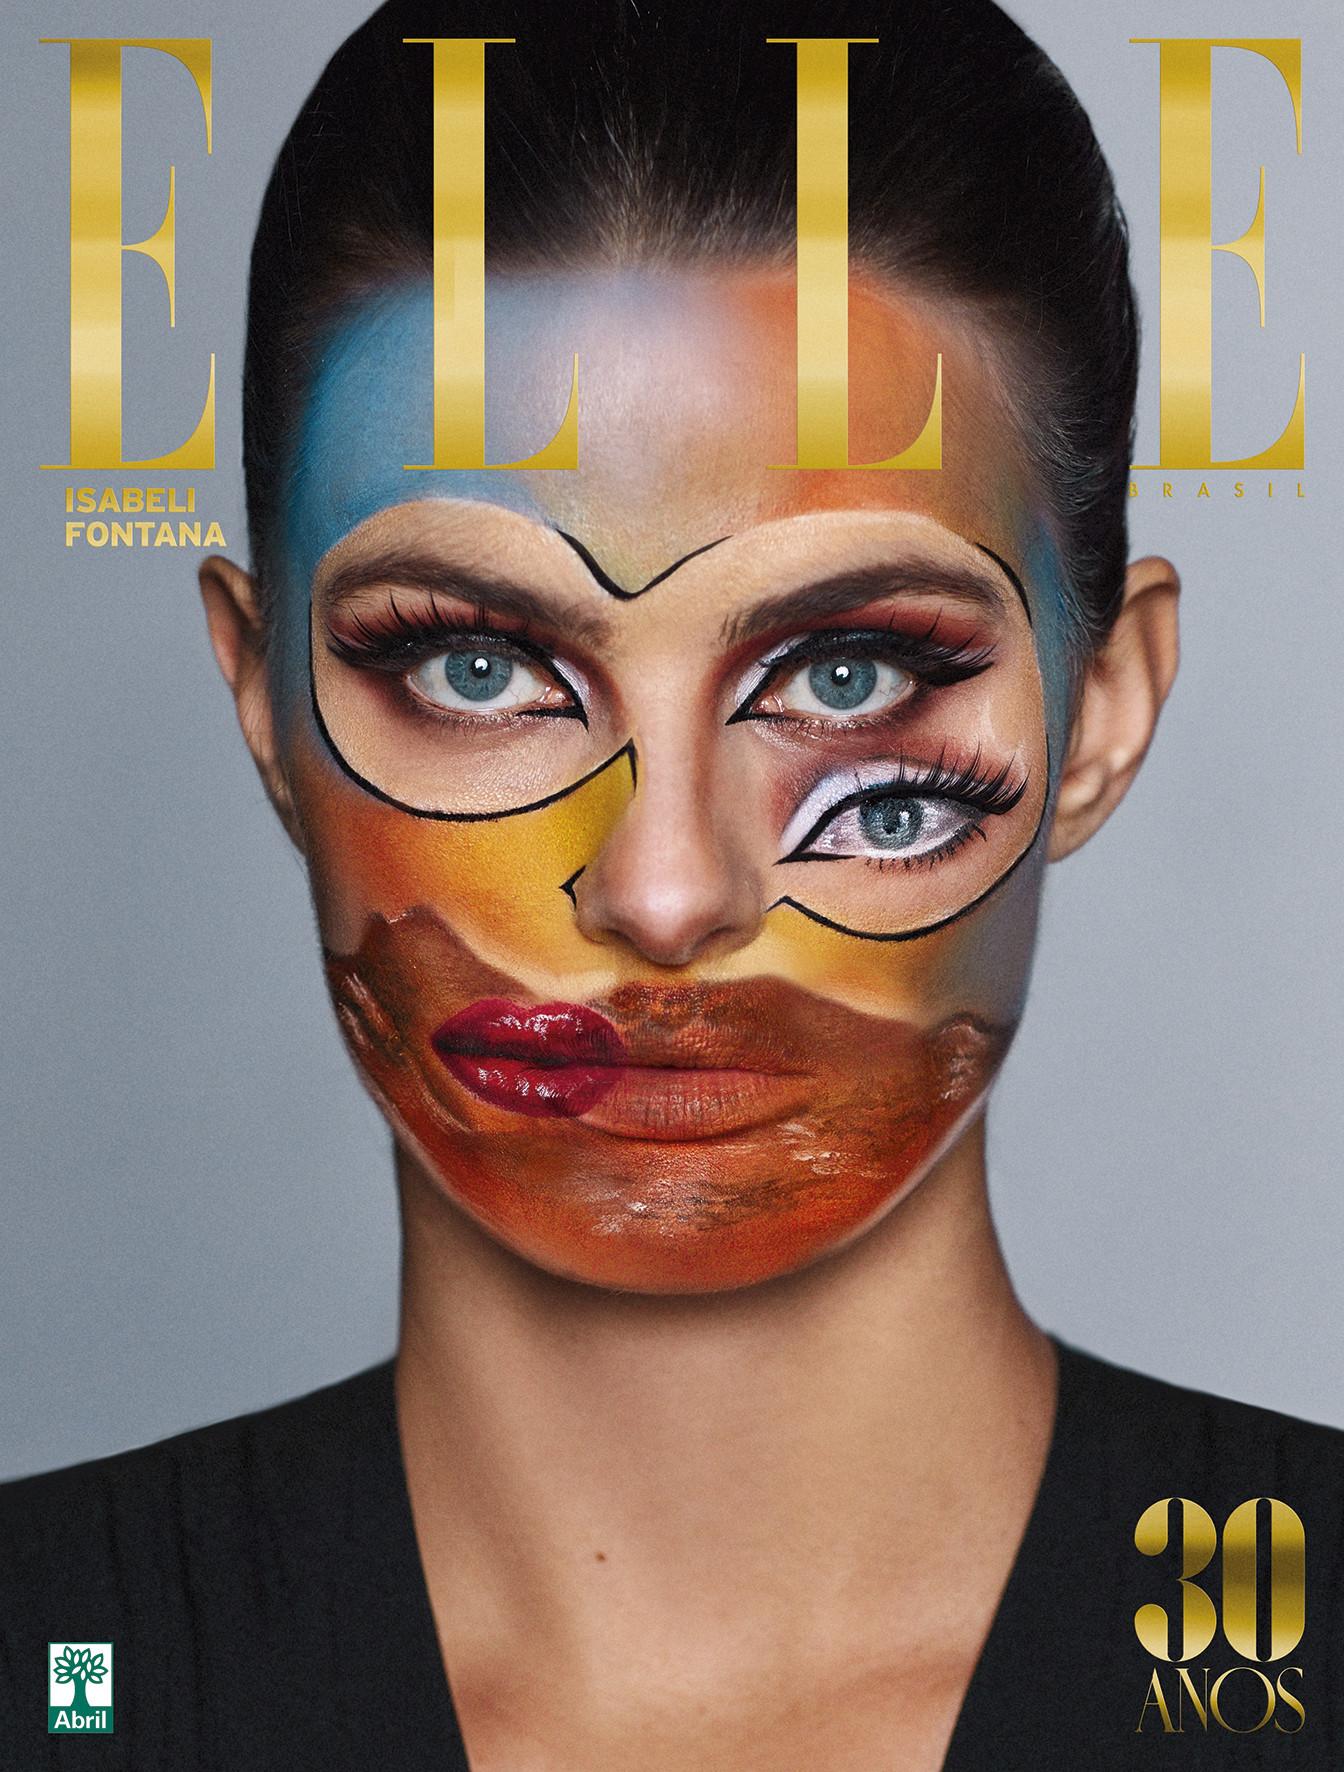 Agencias de Modelos - Isabeli Fontana para Elle Brasil Maio 2018 01